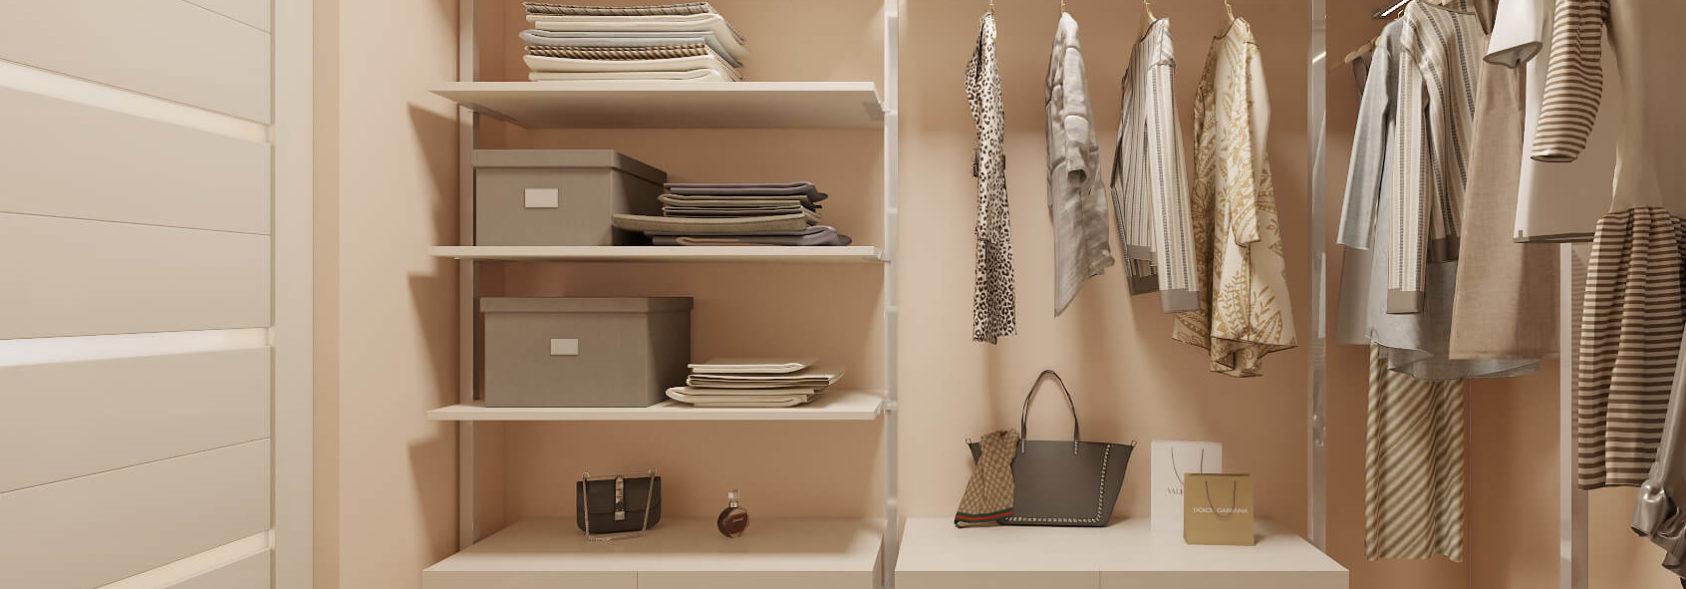 Дизайн интерьера 2х комнатной квартиры гардеробная